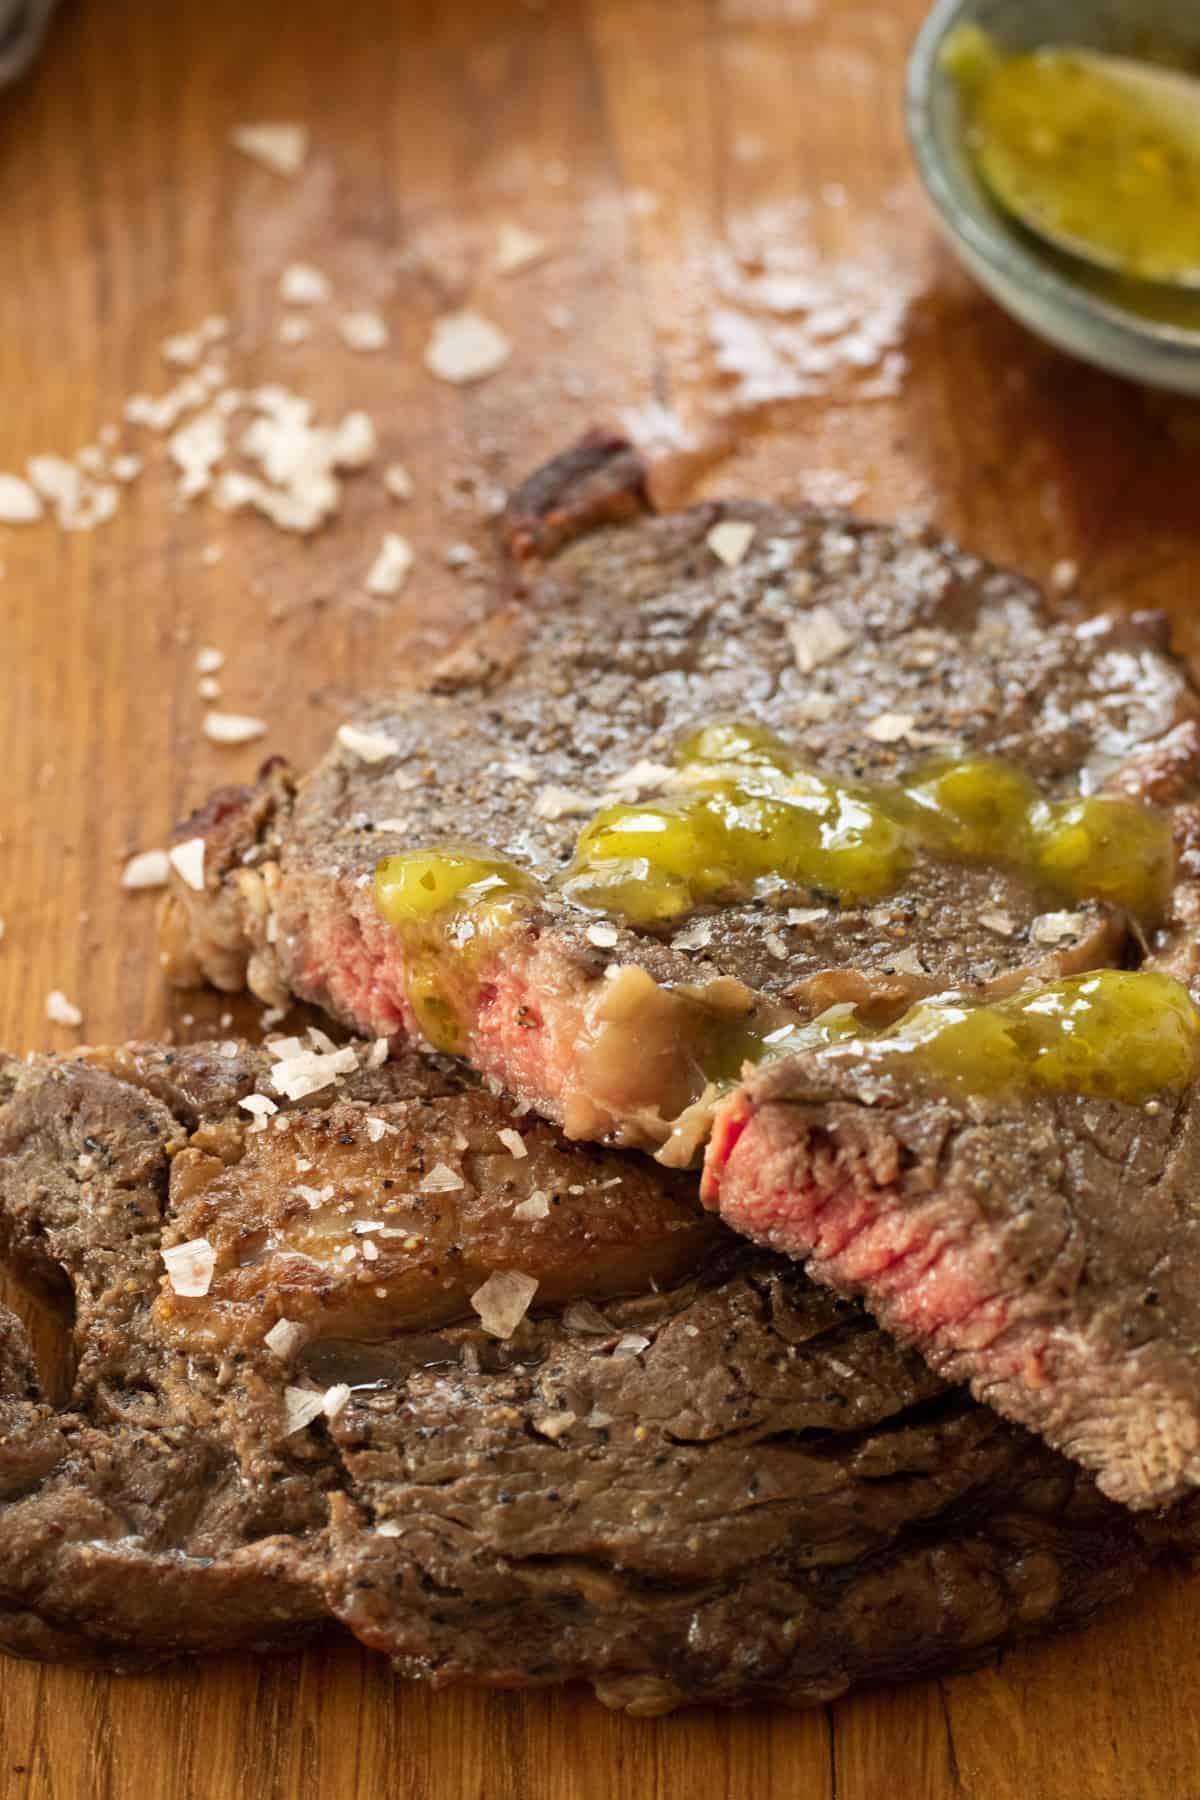 rib eye steak topped with green salsa